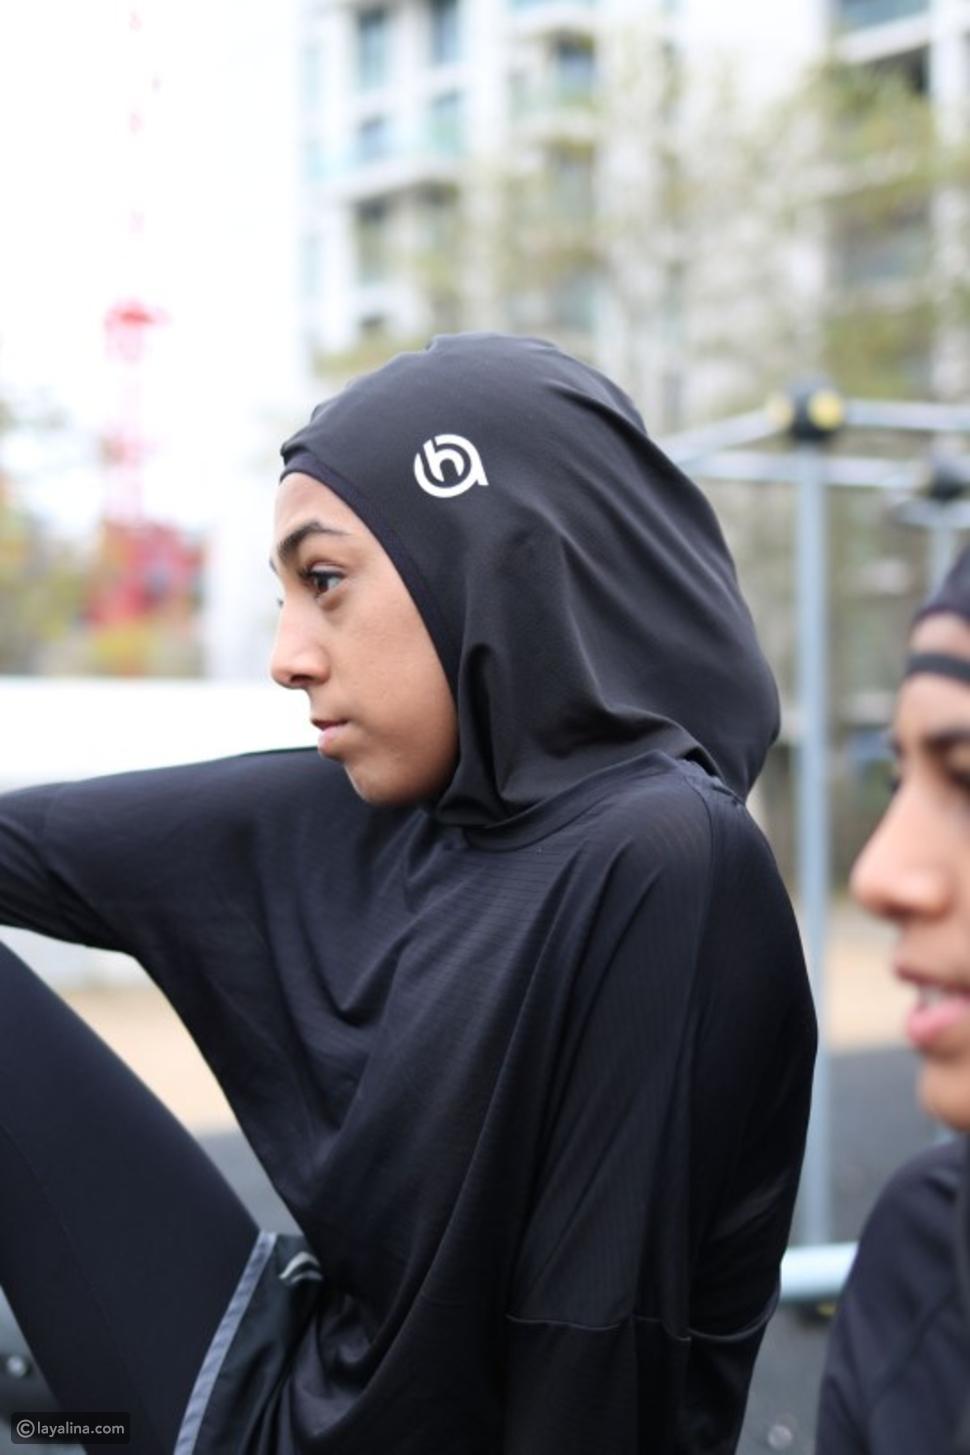 أم تصمم حجاباً رياضياً يمنع رائحة التعرق: وهذه أبرز خصائصه